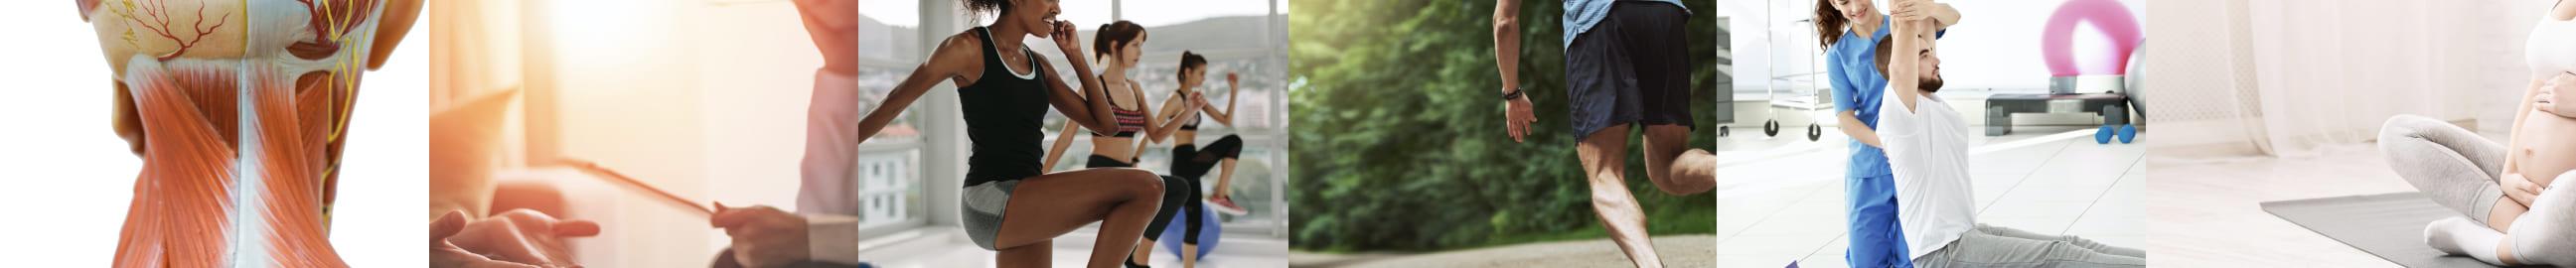 fitness講義のイメージ画像